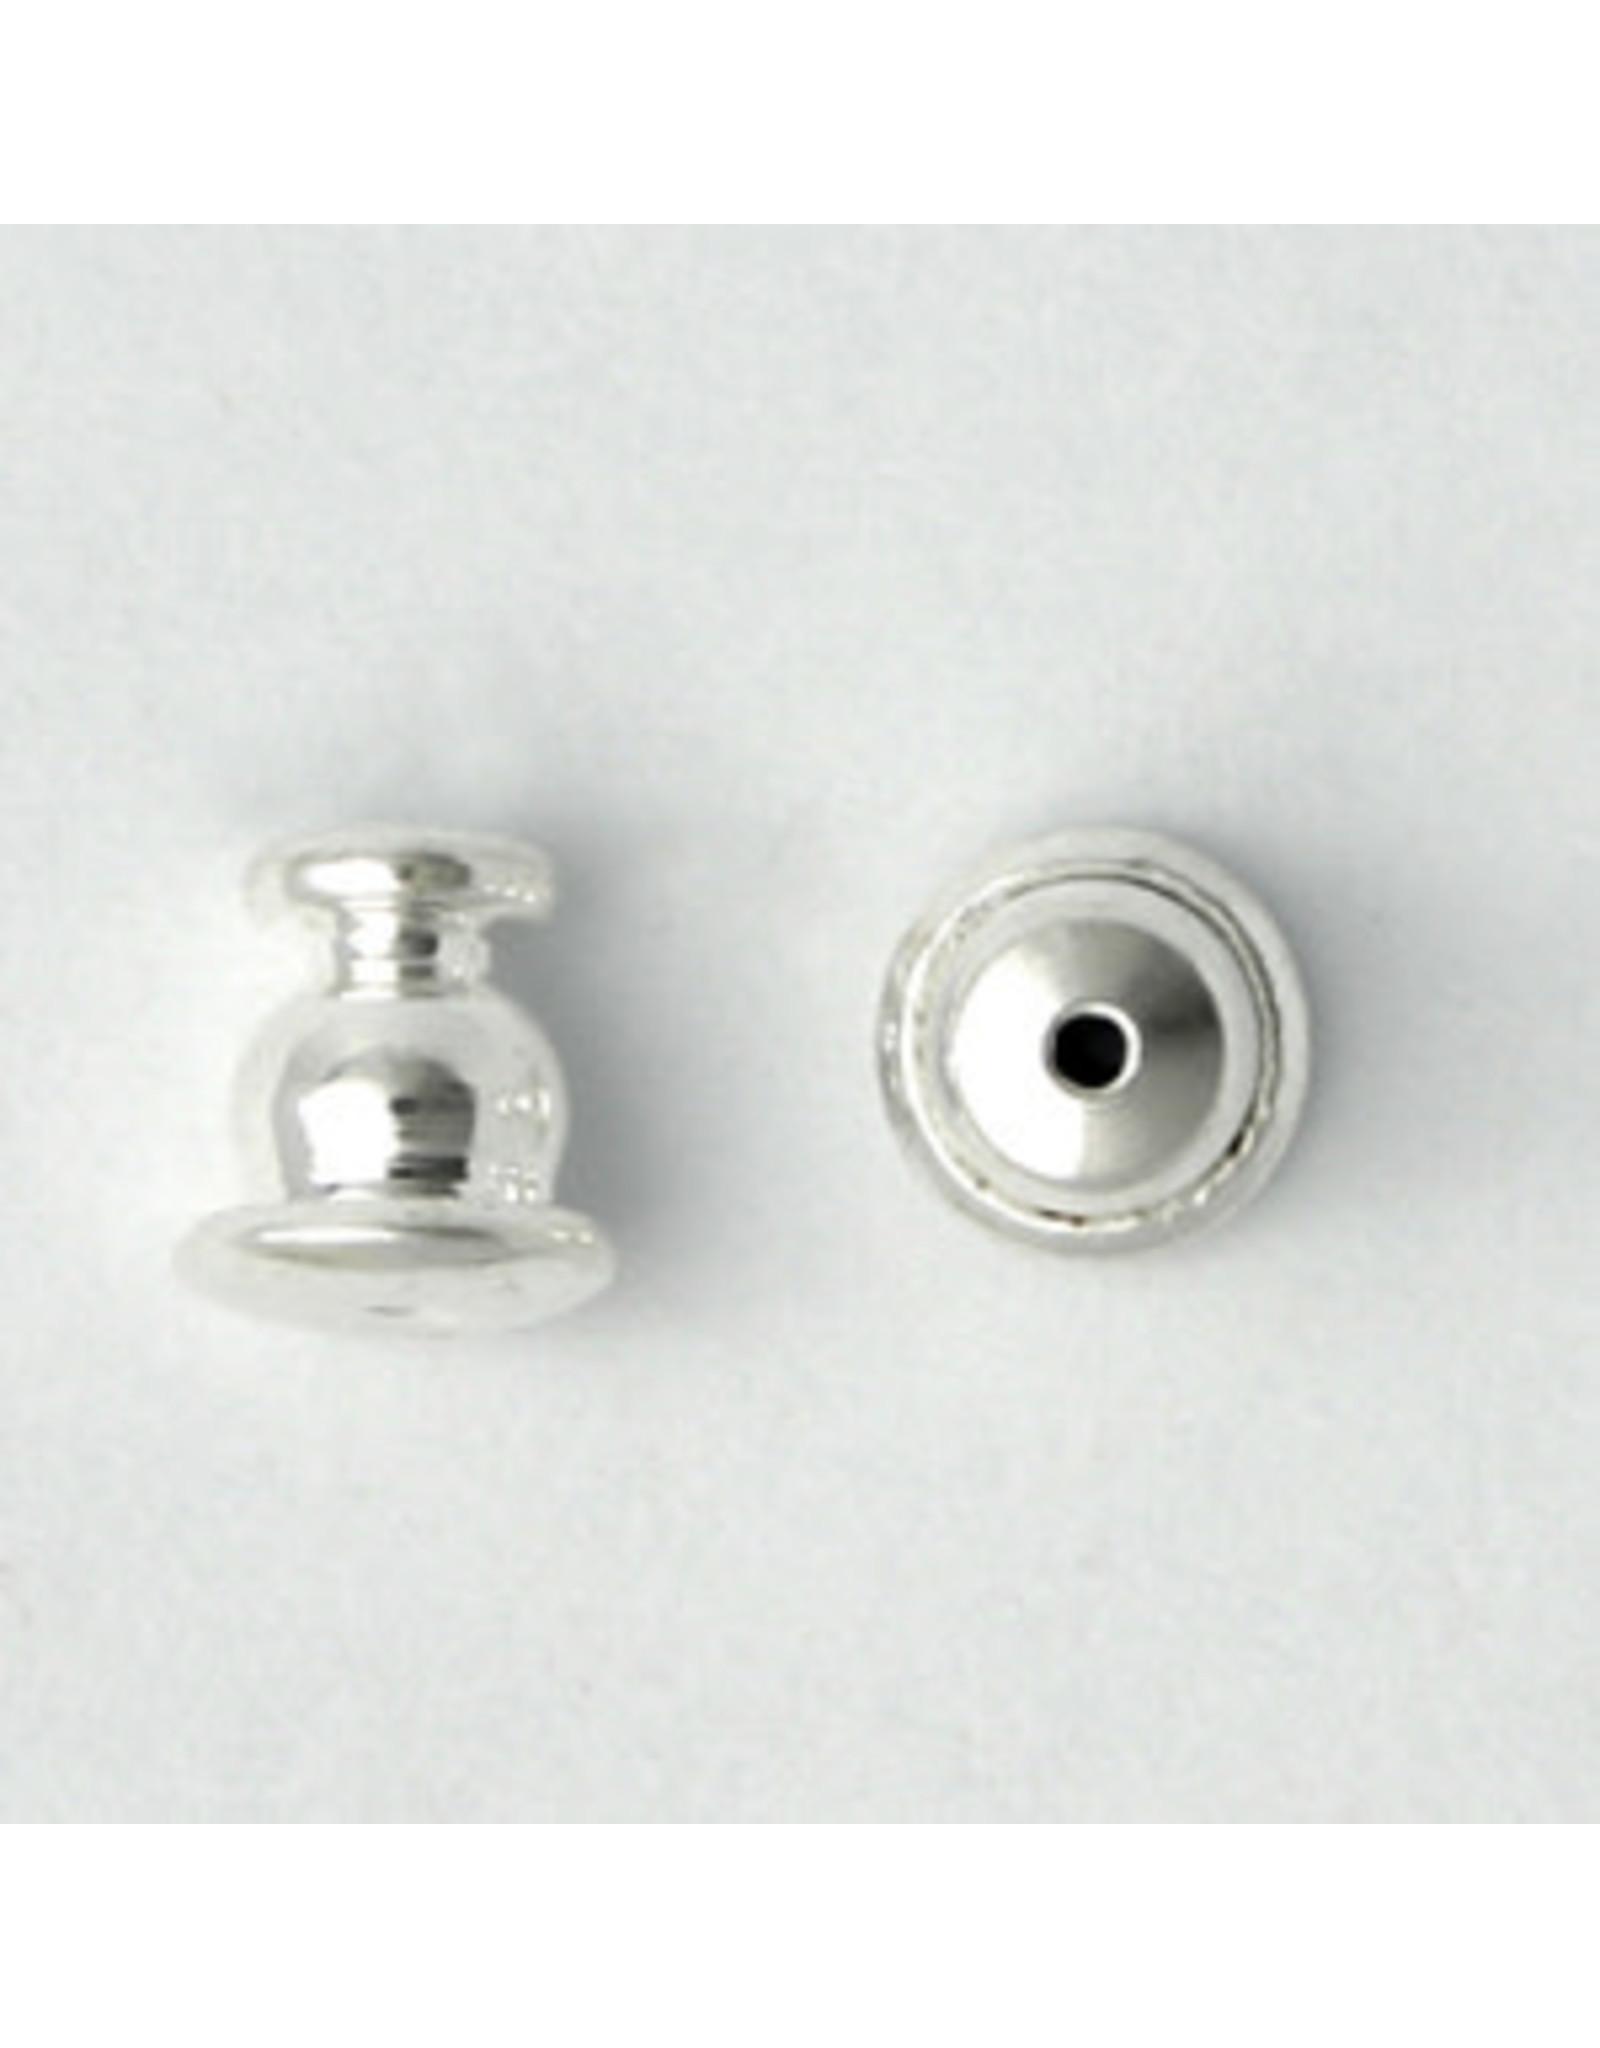 Earring Back 5x5mm Silver x50